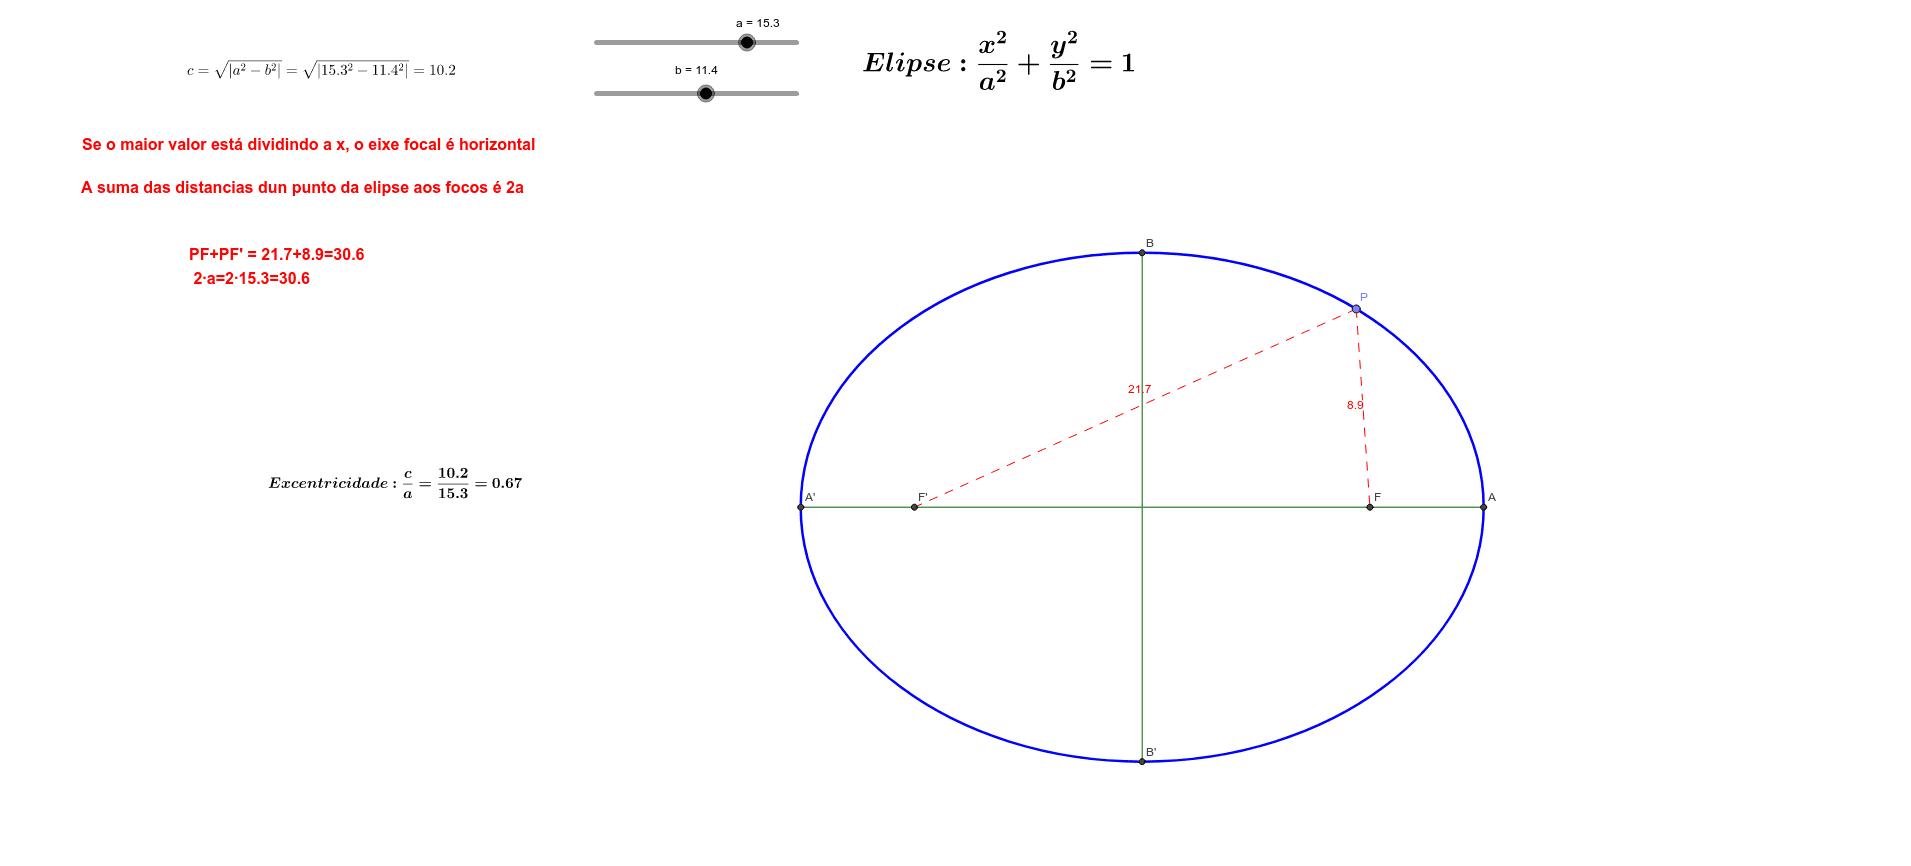 Propiedades da elipse e ecuación reducida dependendo dos valores de a e b